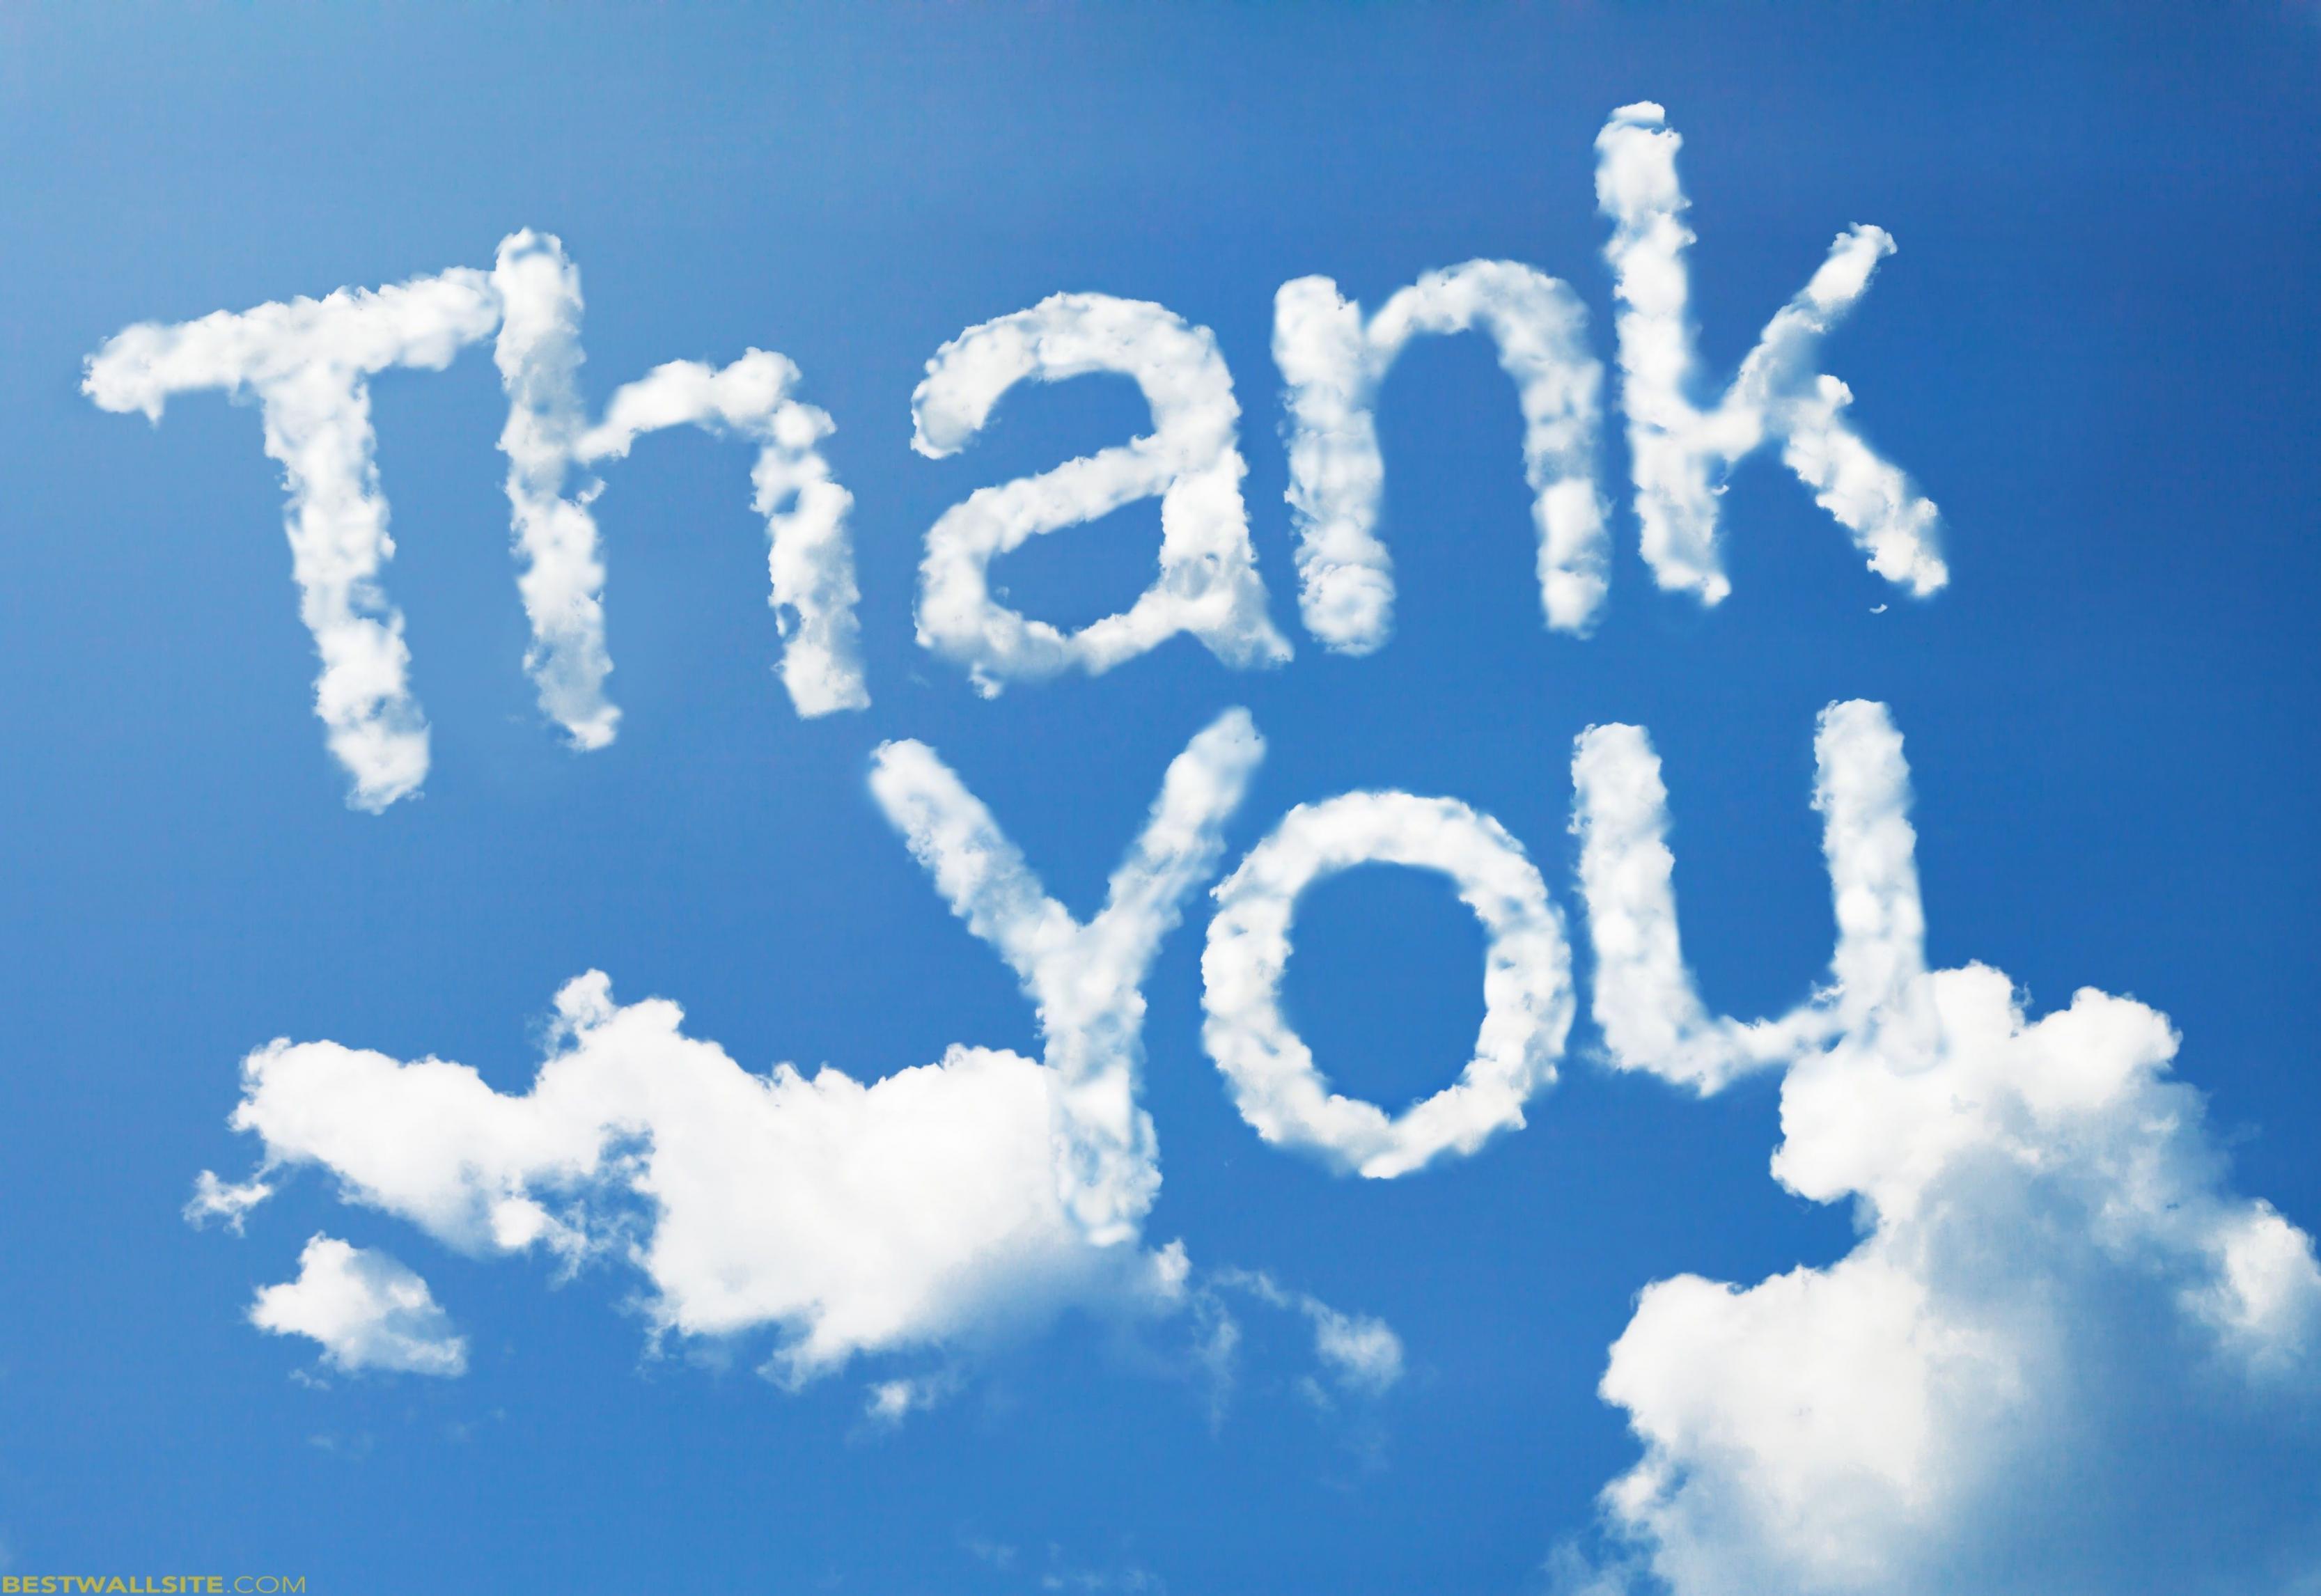 شكرا بالانجليزي كلمة شكر باللغة الانجليزية حبيبي